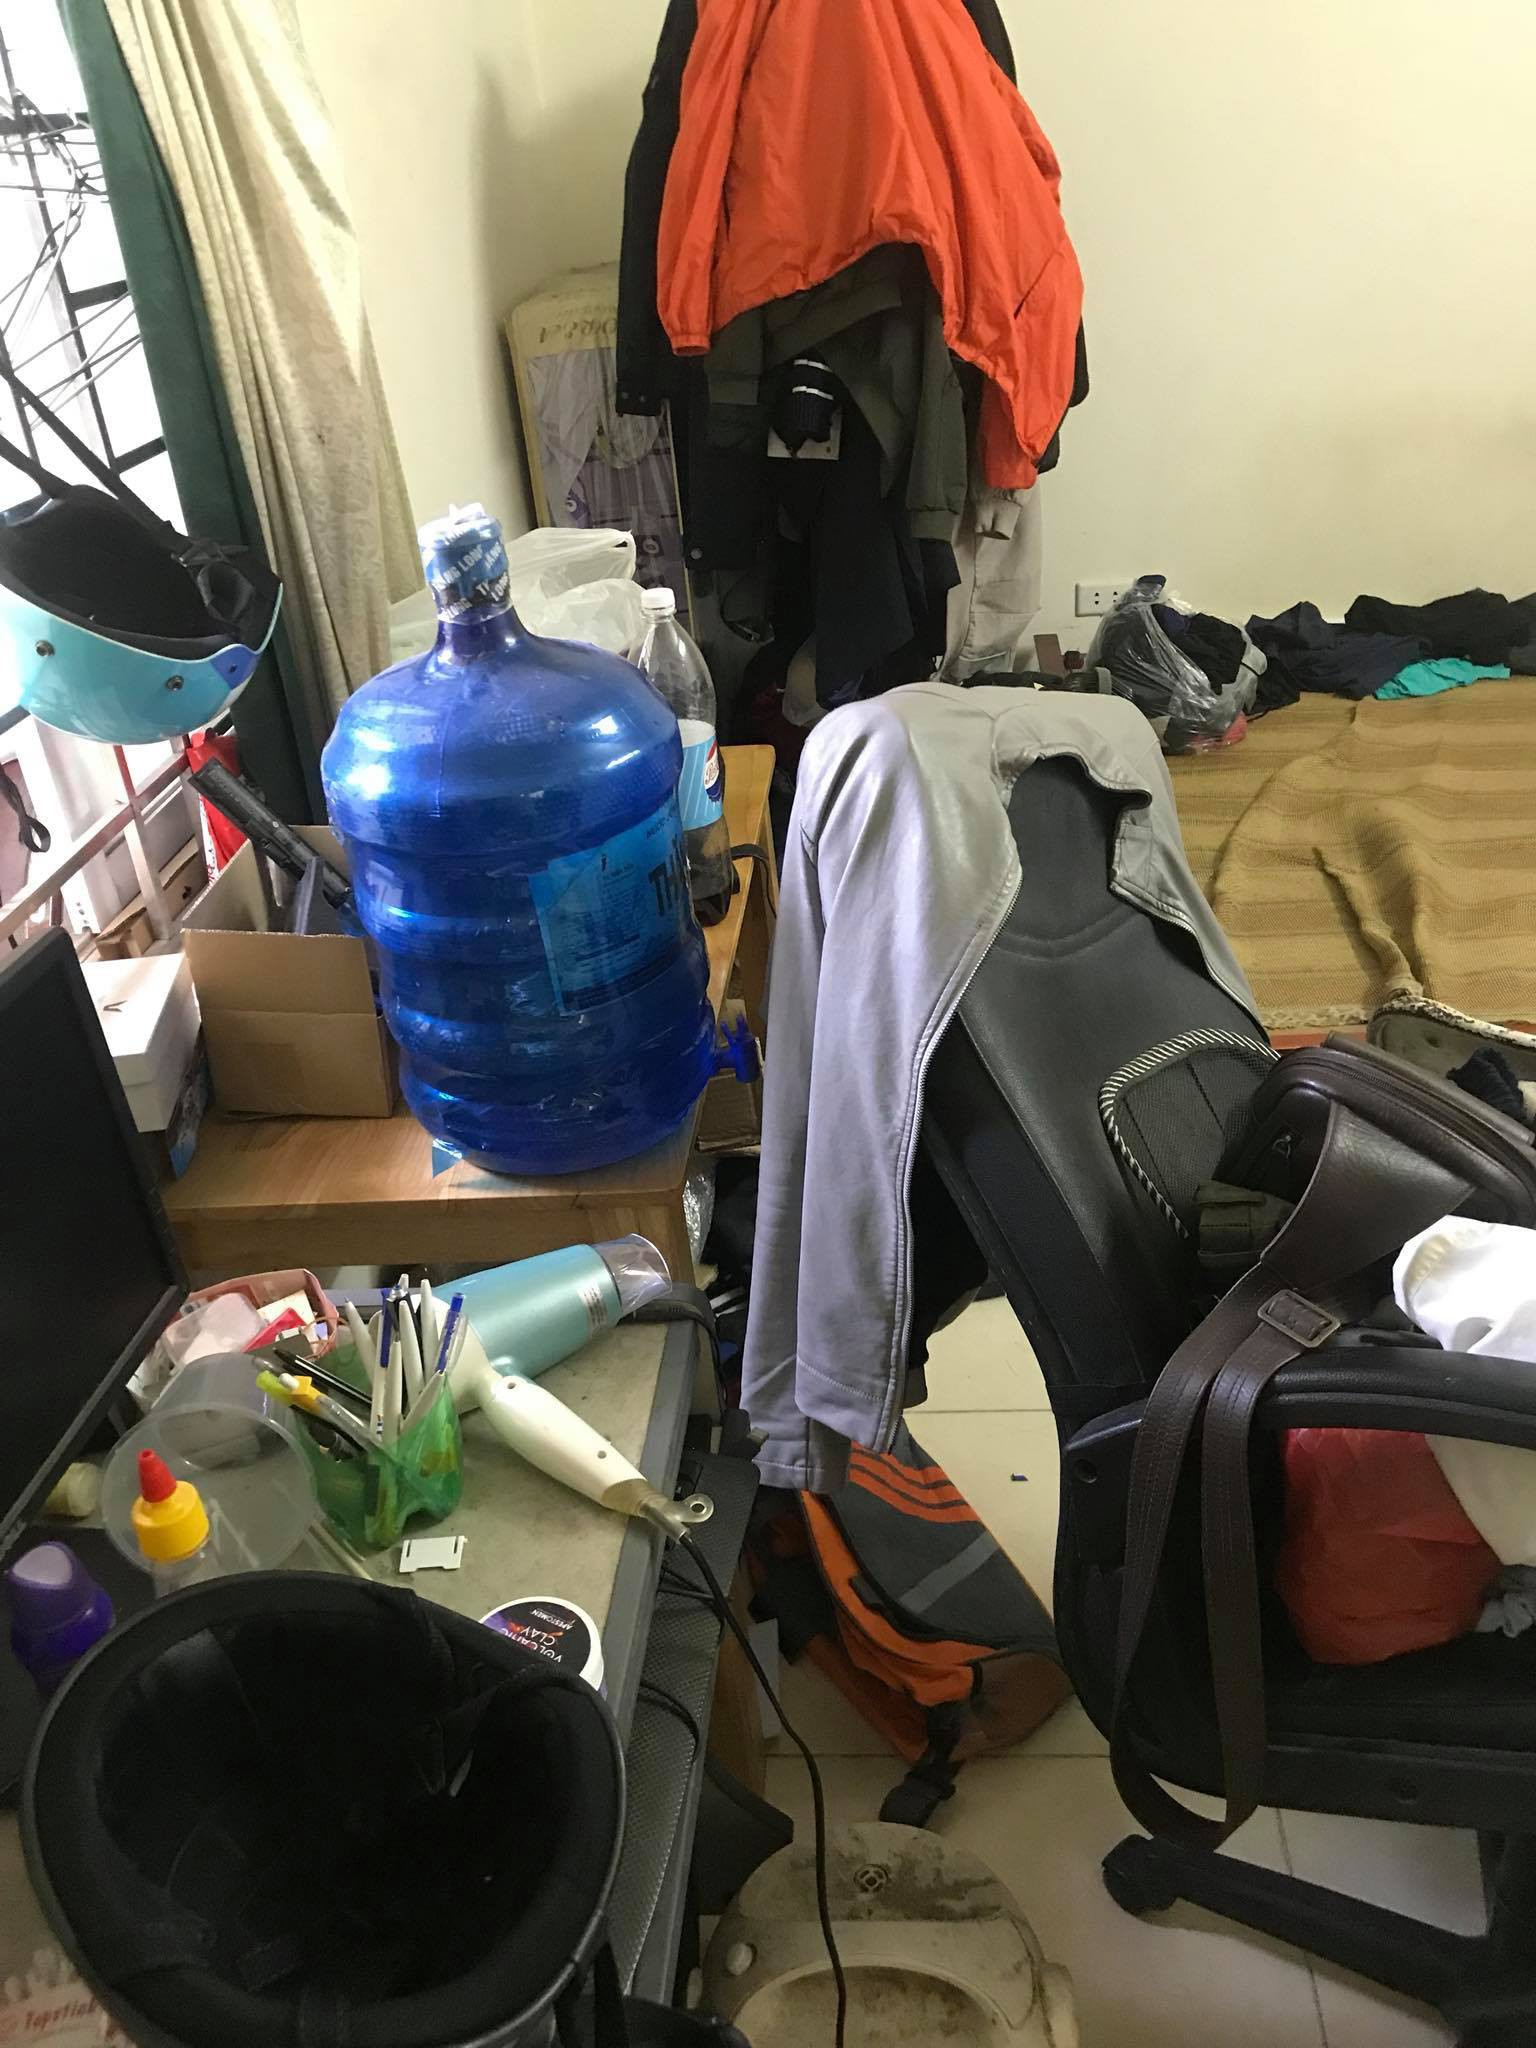 Tổng hợp những phòng trọ sinh viên bẩn nhất 2018, khi các thánh ở dơ ra ngoài áo quần lồng lộn nhưng về nhà bừa bộn không chịu nổi - Ảnh 2.